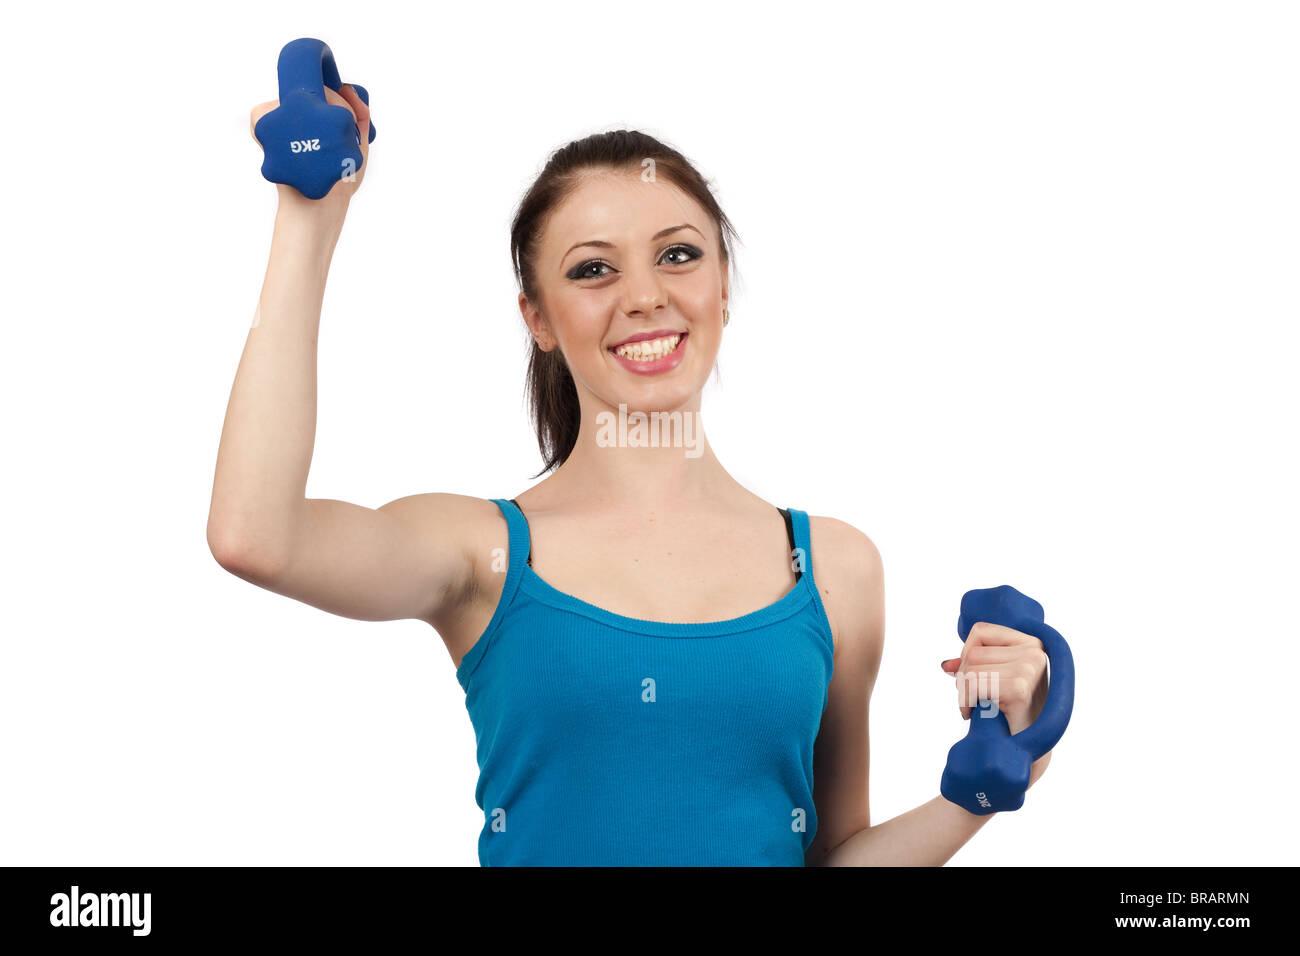 Attraente giovane donna fare allenamento con i pesi isolato su bianco Immagini Stock